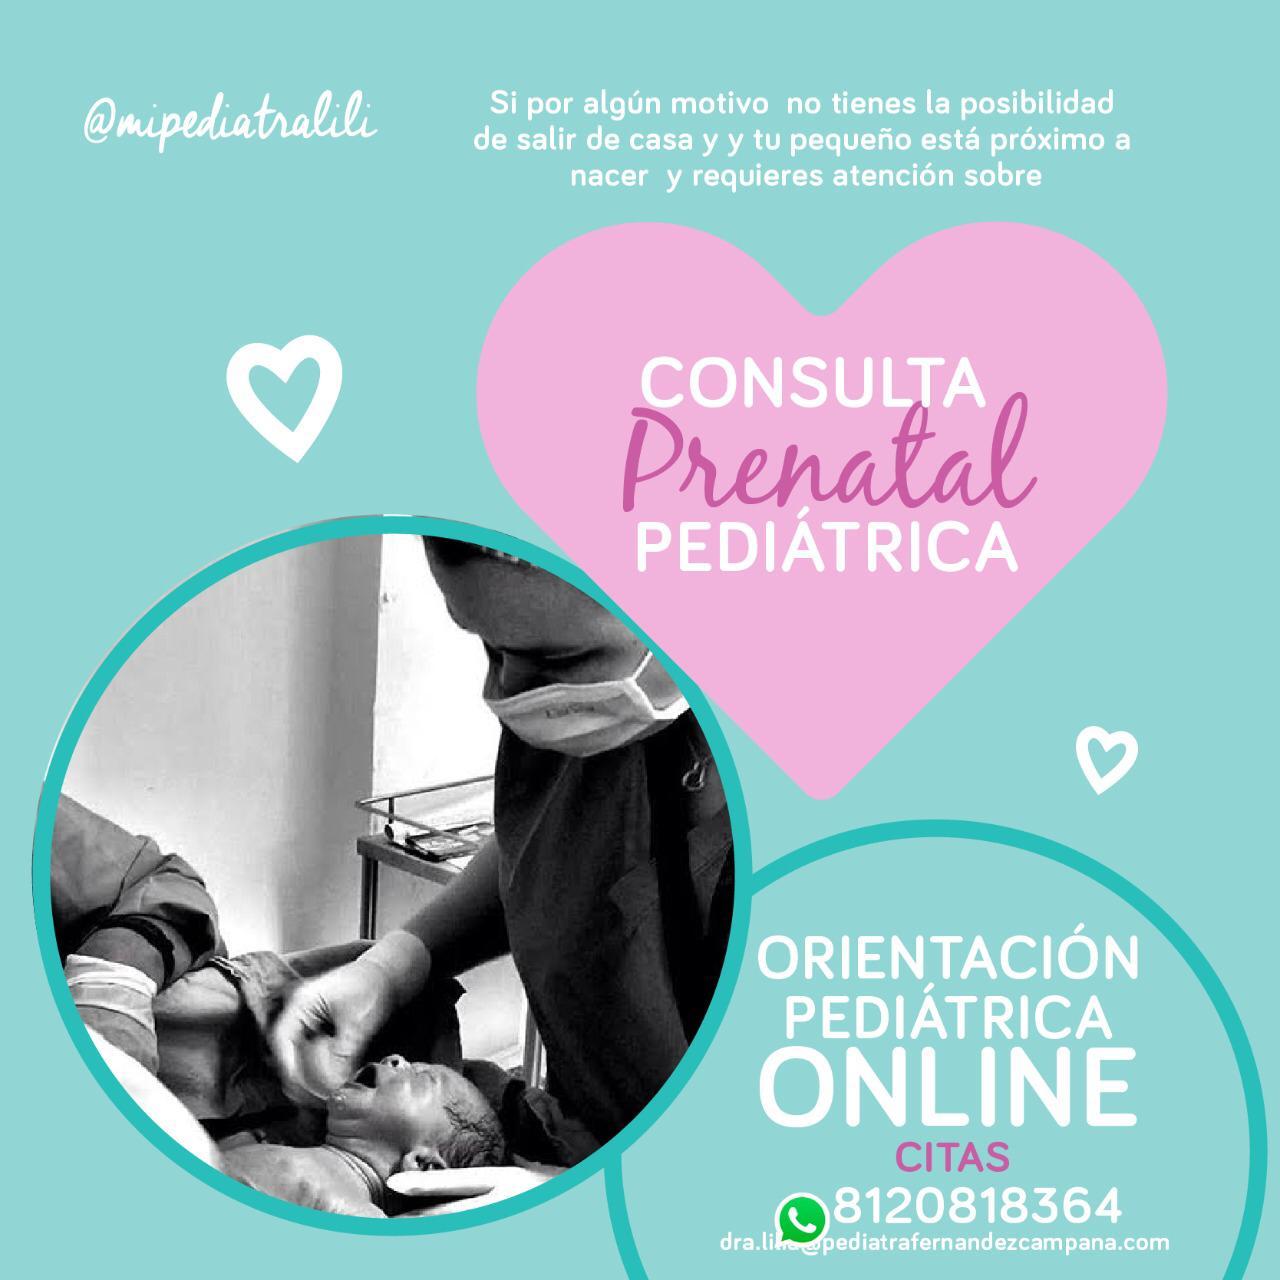 consultaprenatal